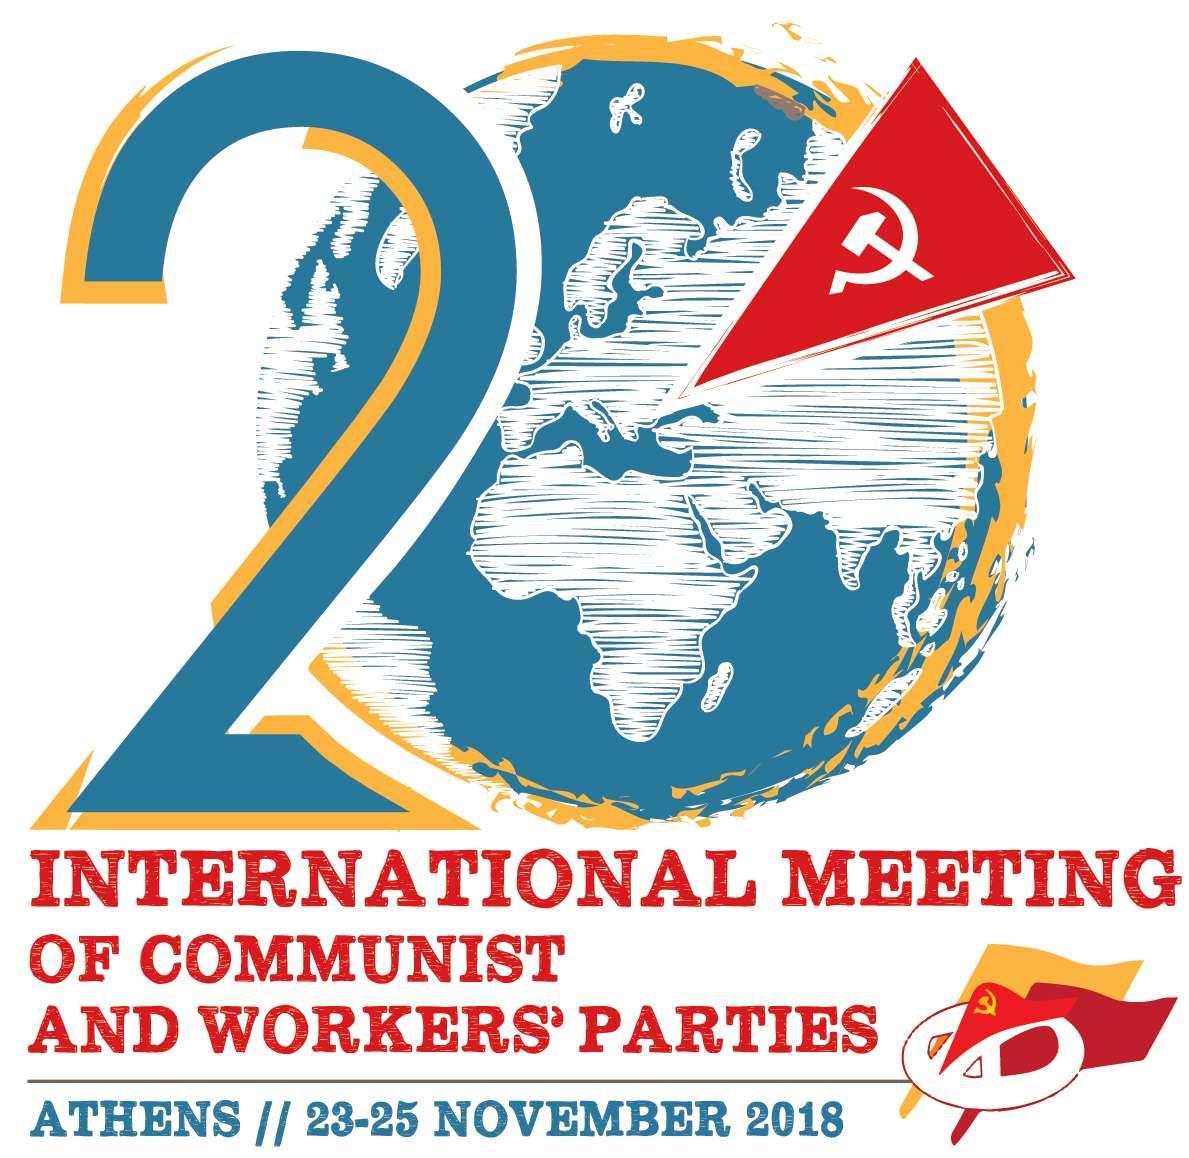 20ή Διεθνής Συνάντηση Κομμουνιστικών και Εργατικών Κομμάτων